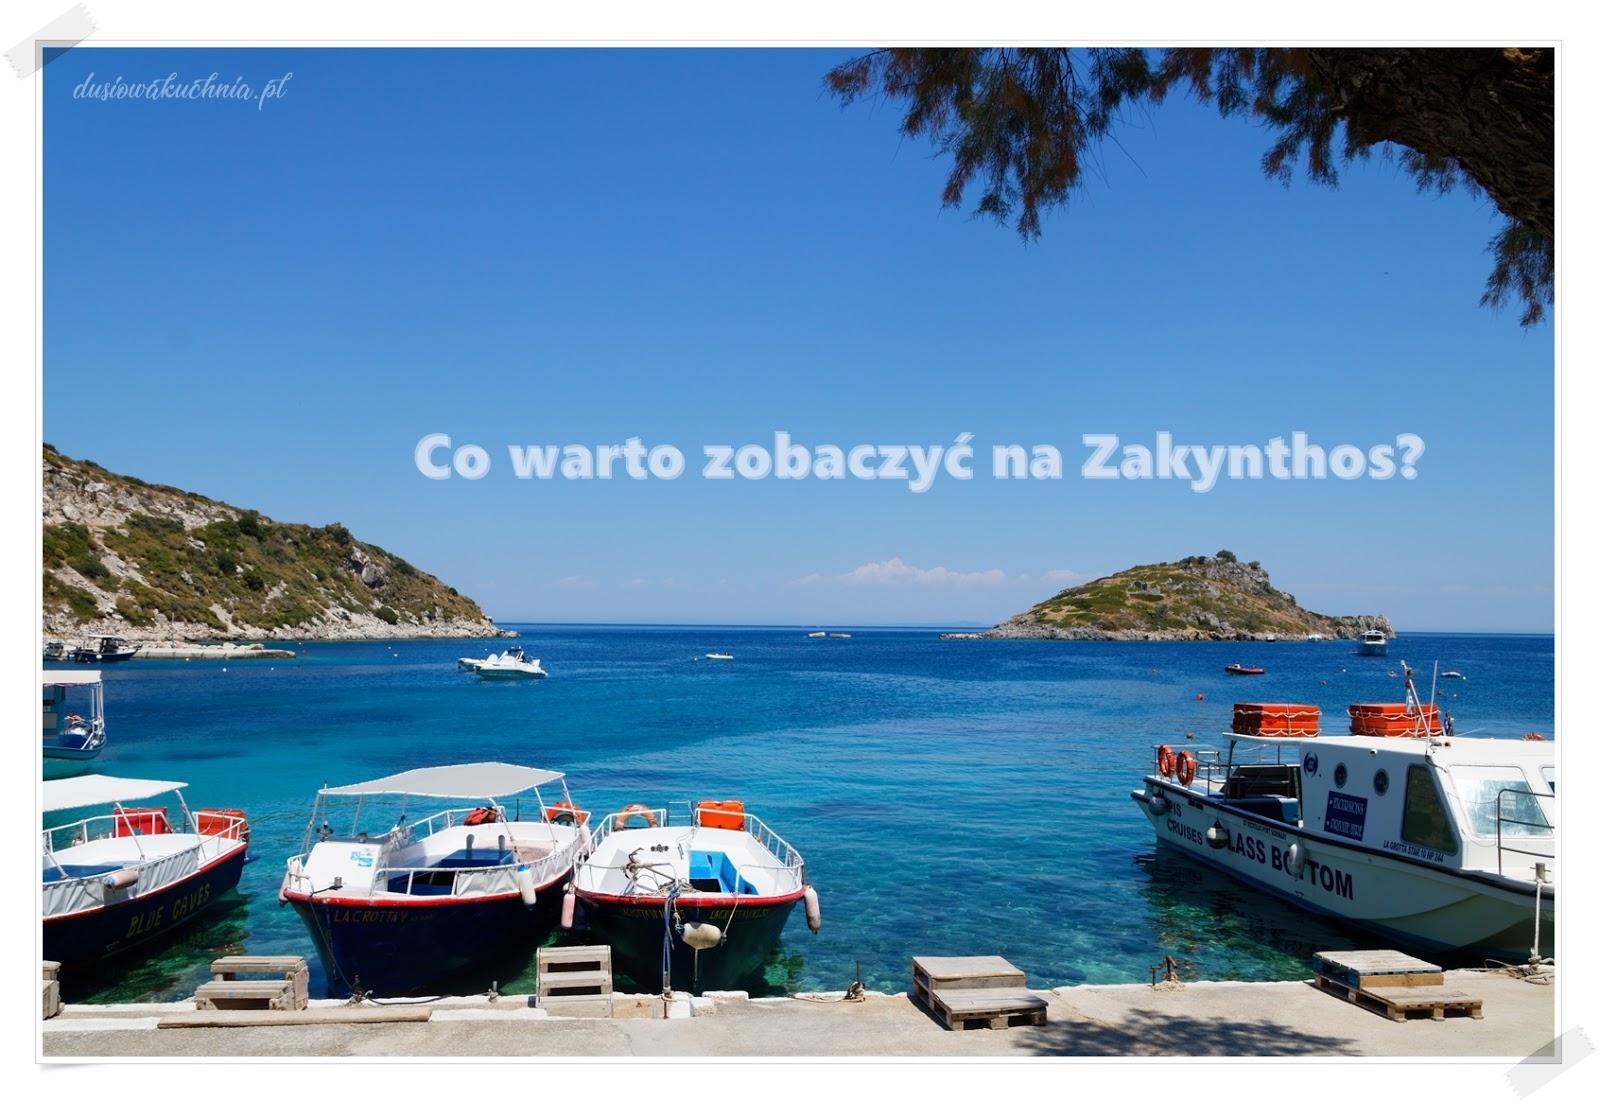 Co warto zobaczyć na Zakynthos - cz.2